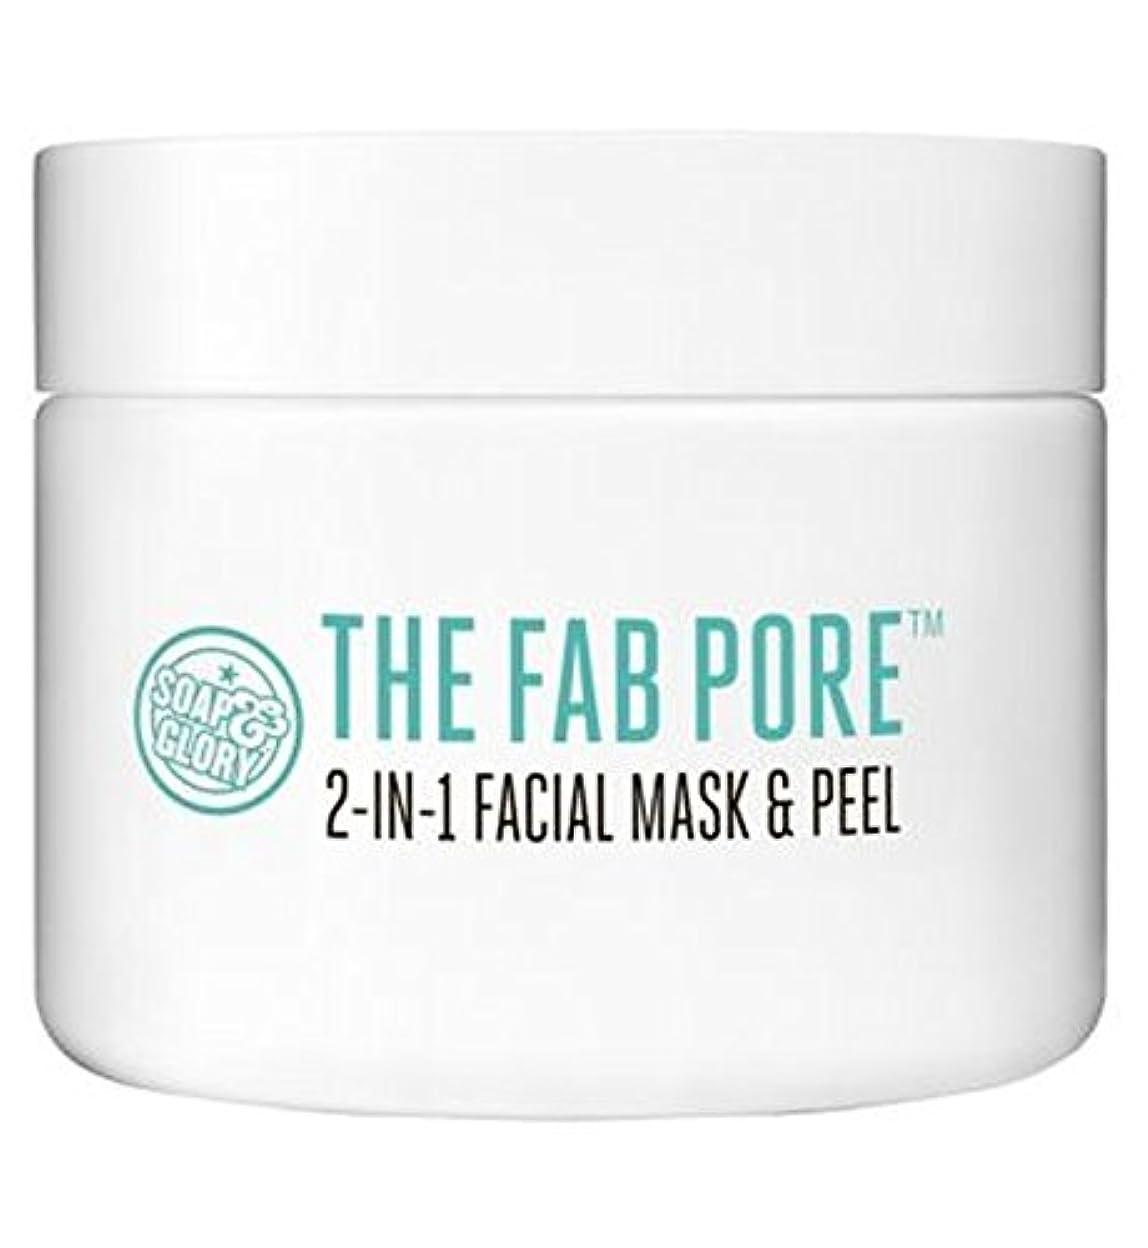 冗長食い違いディスパッチファブ細孔?2イン1顔の細孔浄化マスク&ピール?石鹸&栄光 (Soap & Glory) (x2) - Soap & Glory? Fab Pore? 2-in-1 Facial Pore Purifying Mask...